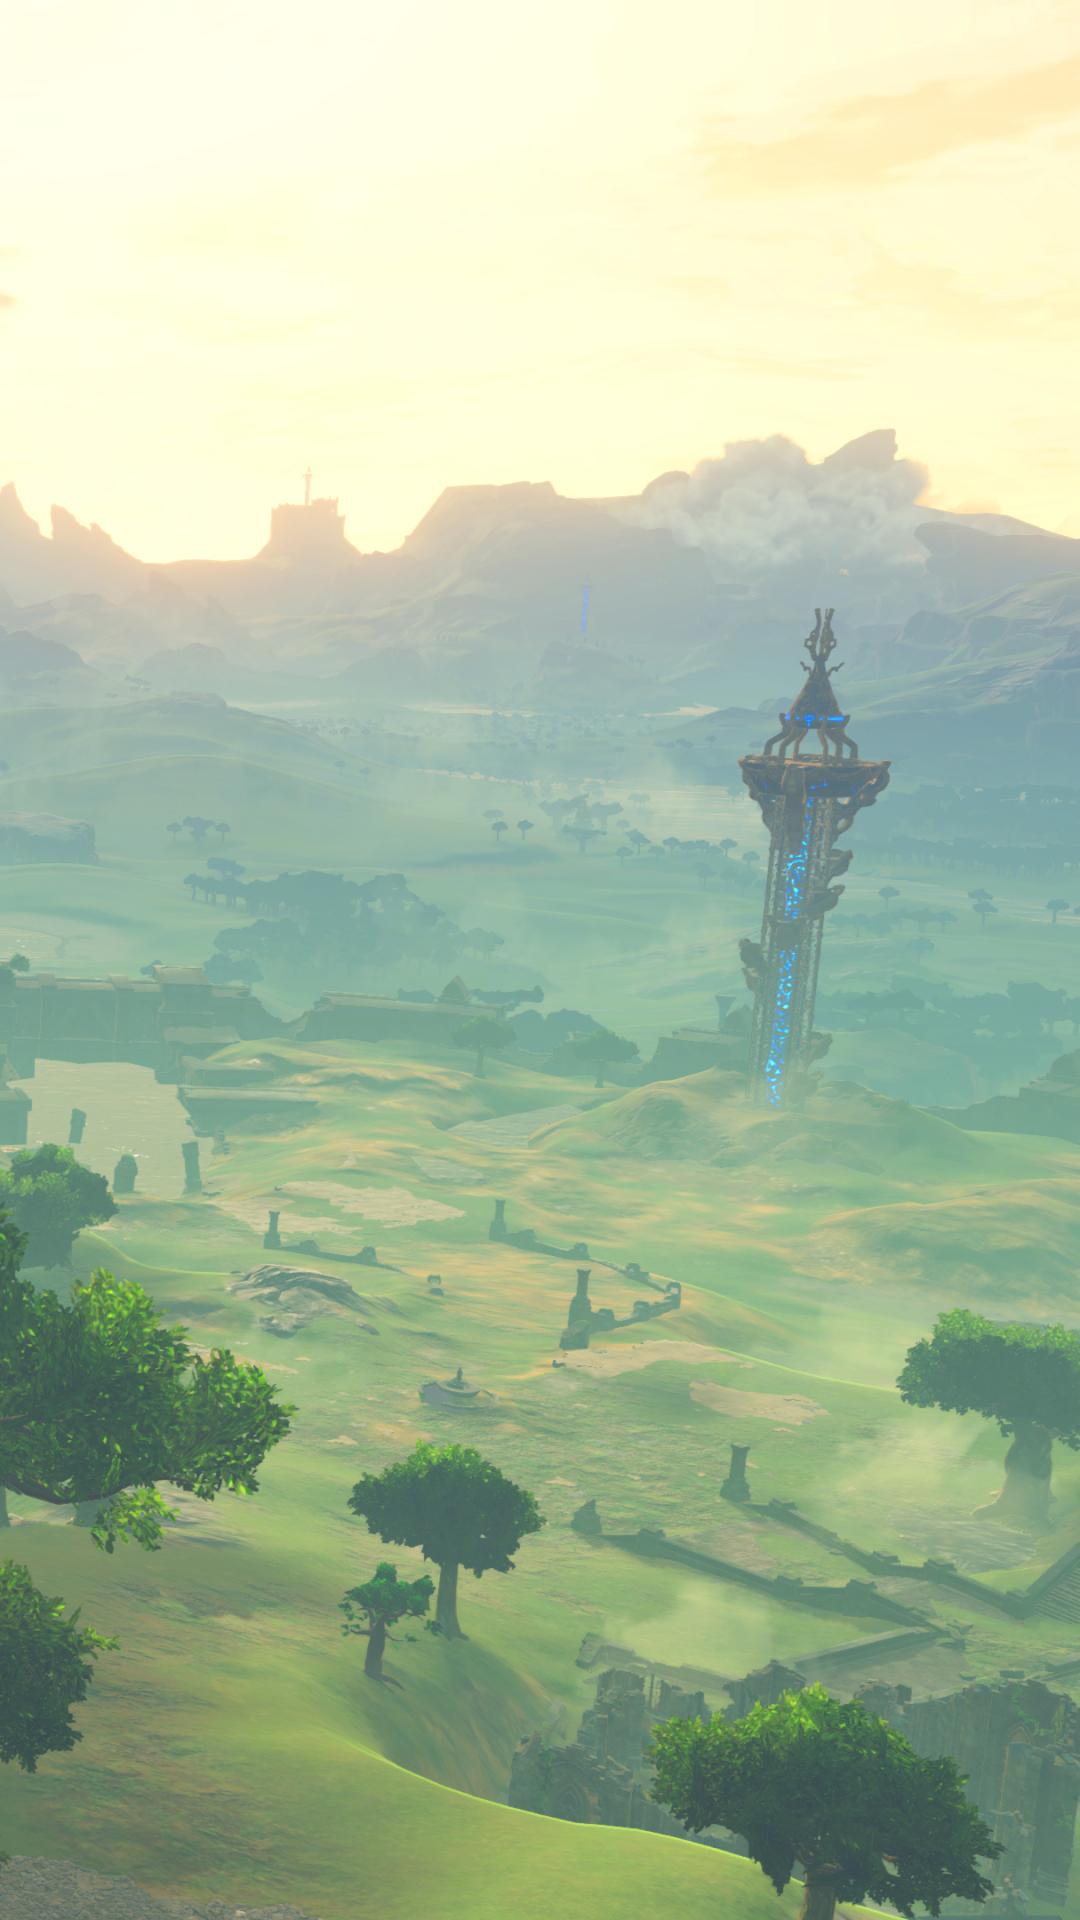 Free Download Legend Of Zelda Breath Of The Wild Iphone